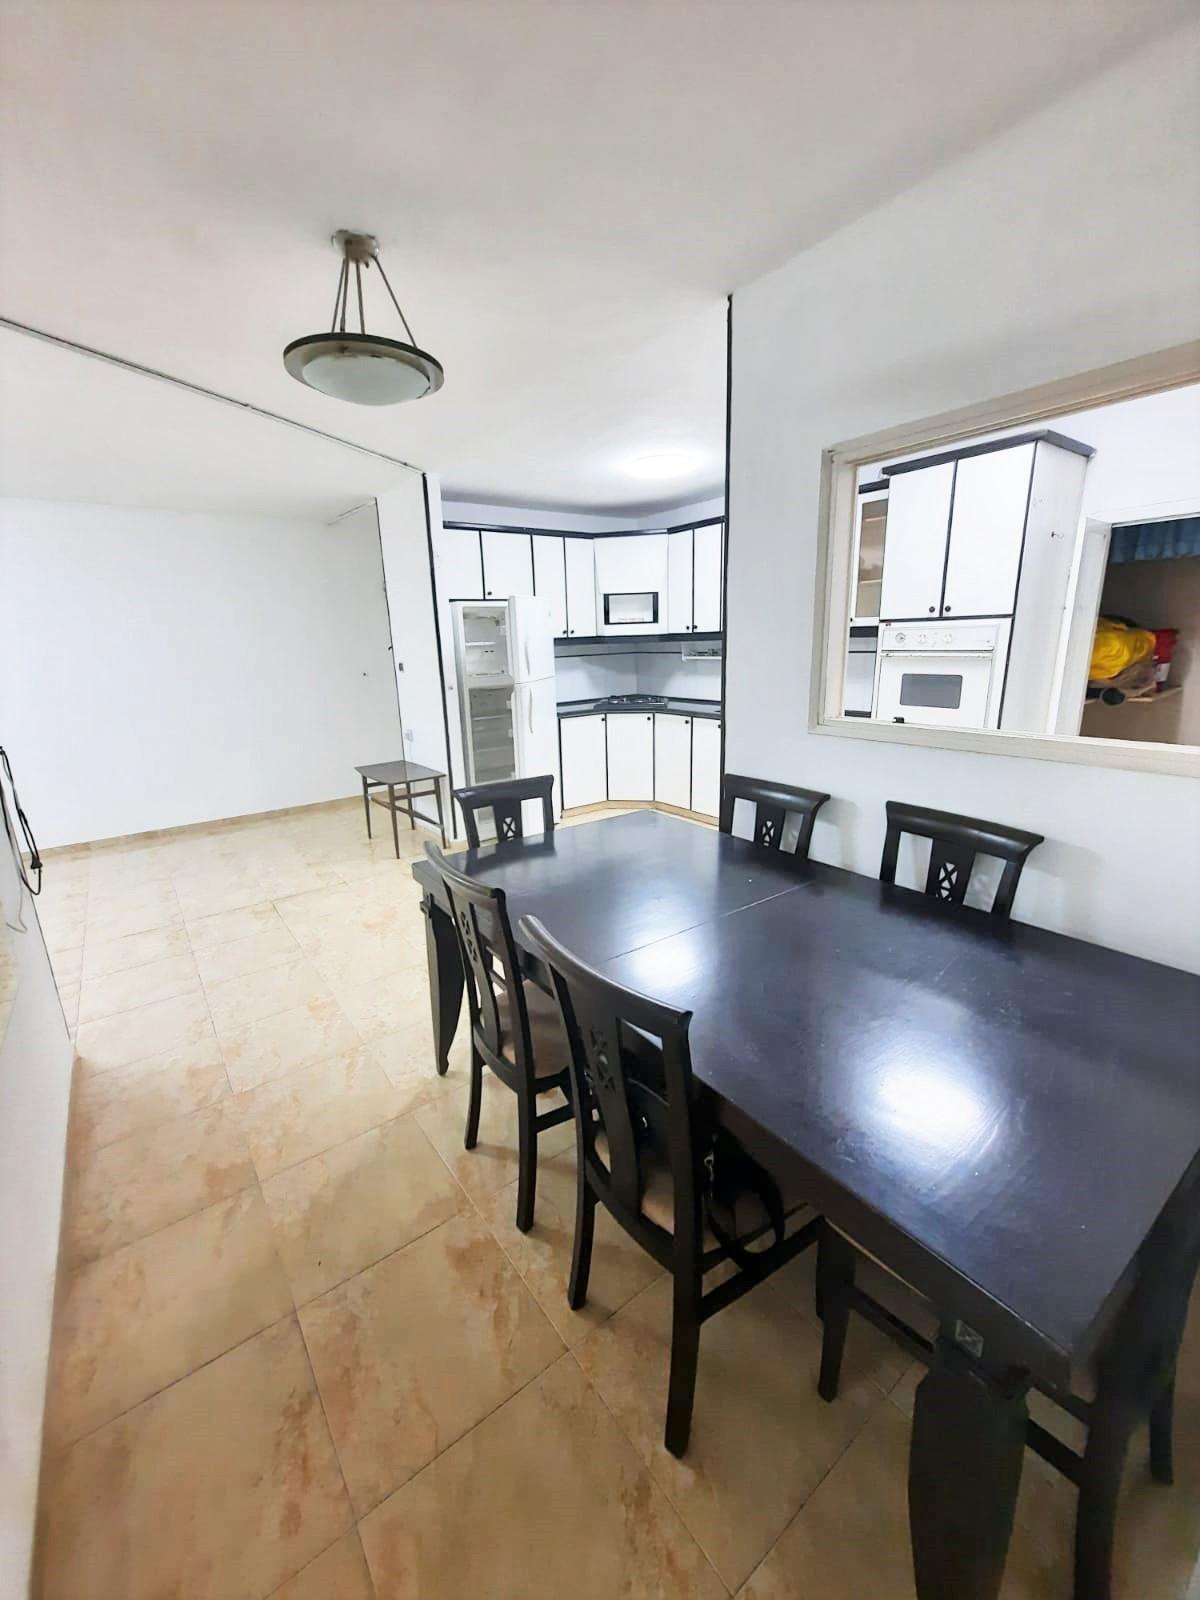 יפו דירה להשכרה 3 חדרים 4,900₪ בחודש, יפו